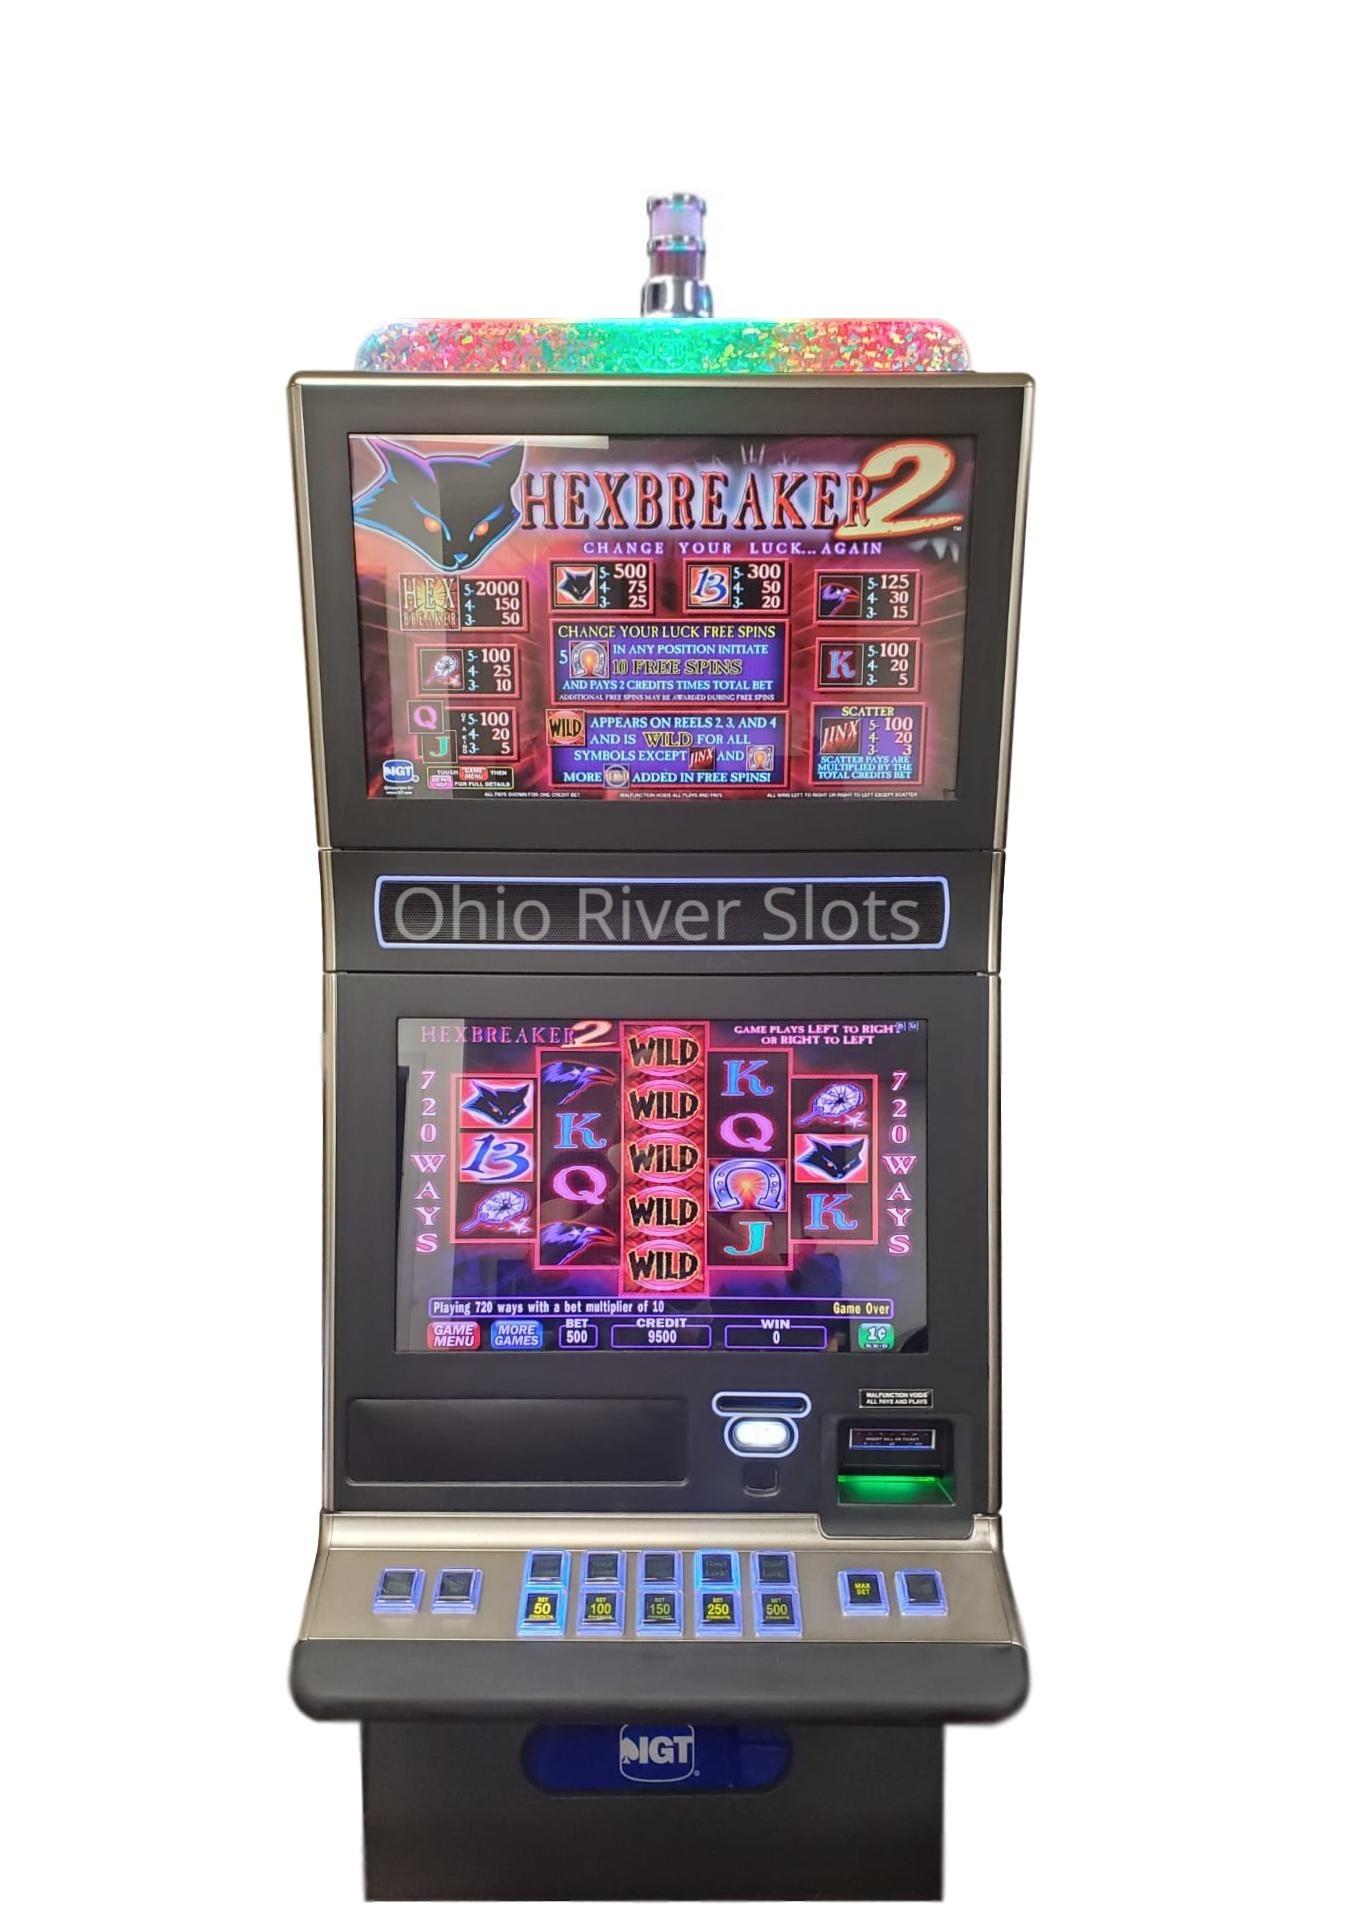 Hexbreaker Slots